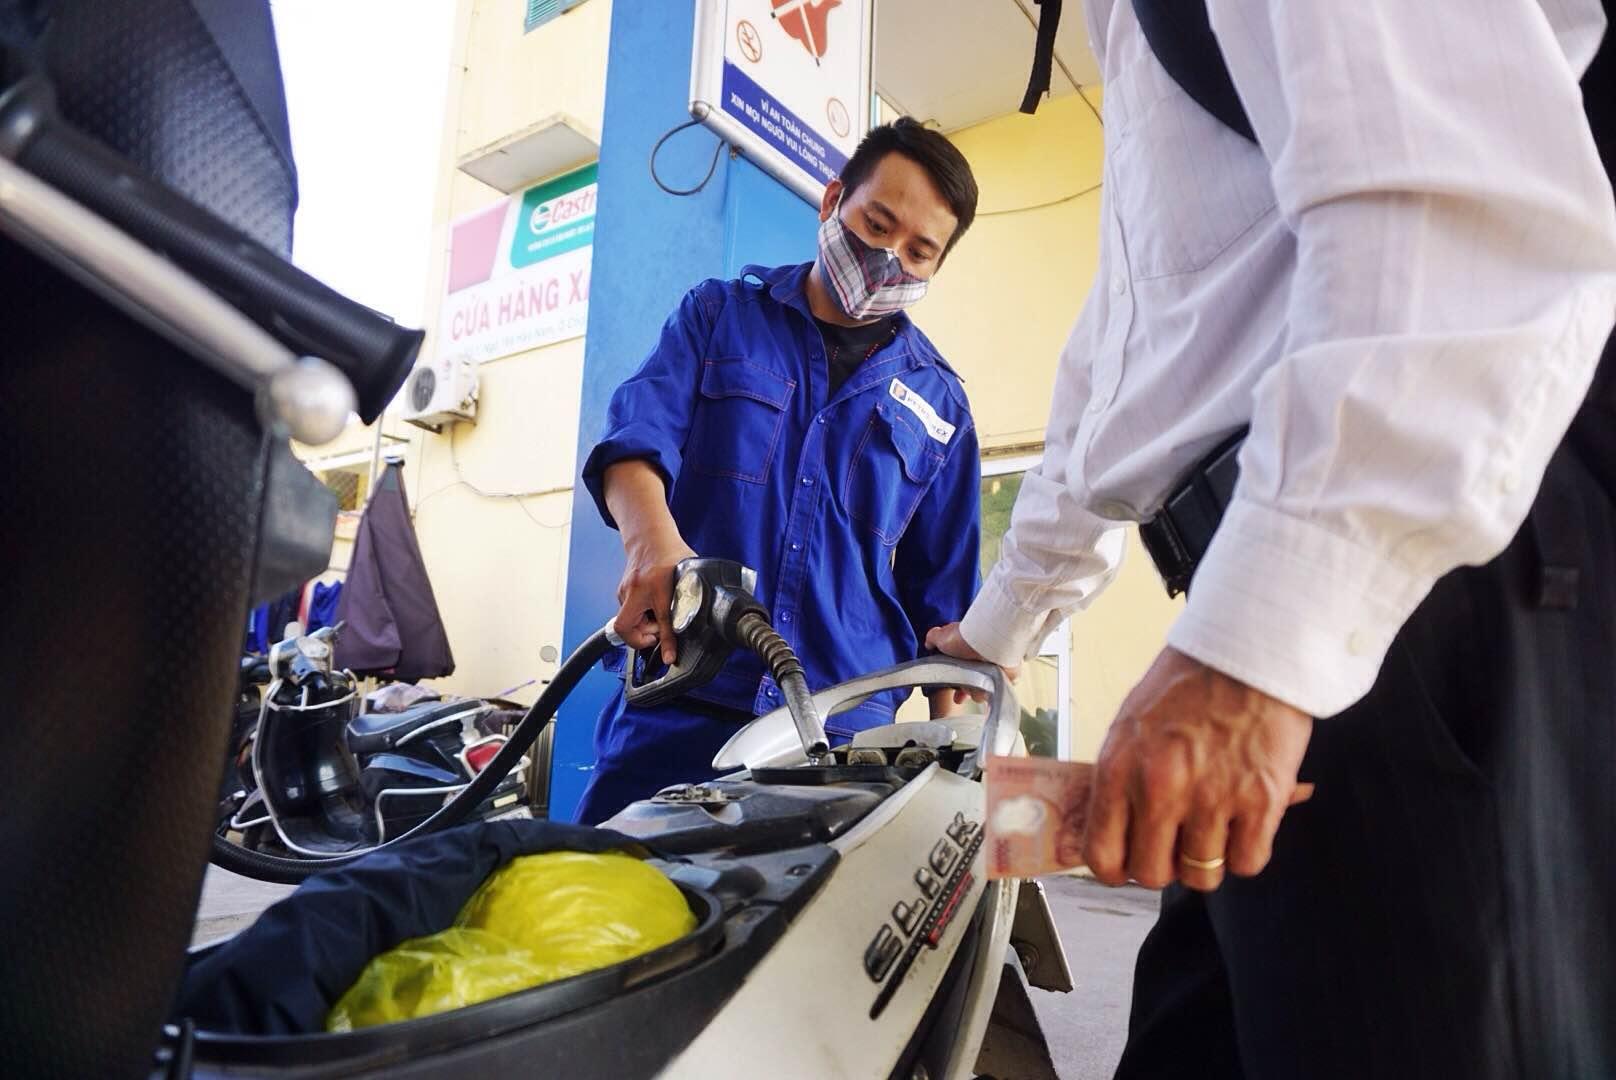 Giá xăng tăng liên tiếp 6 lần trong vòng 3 tháng